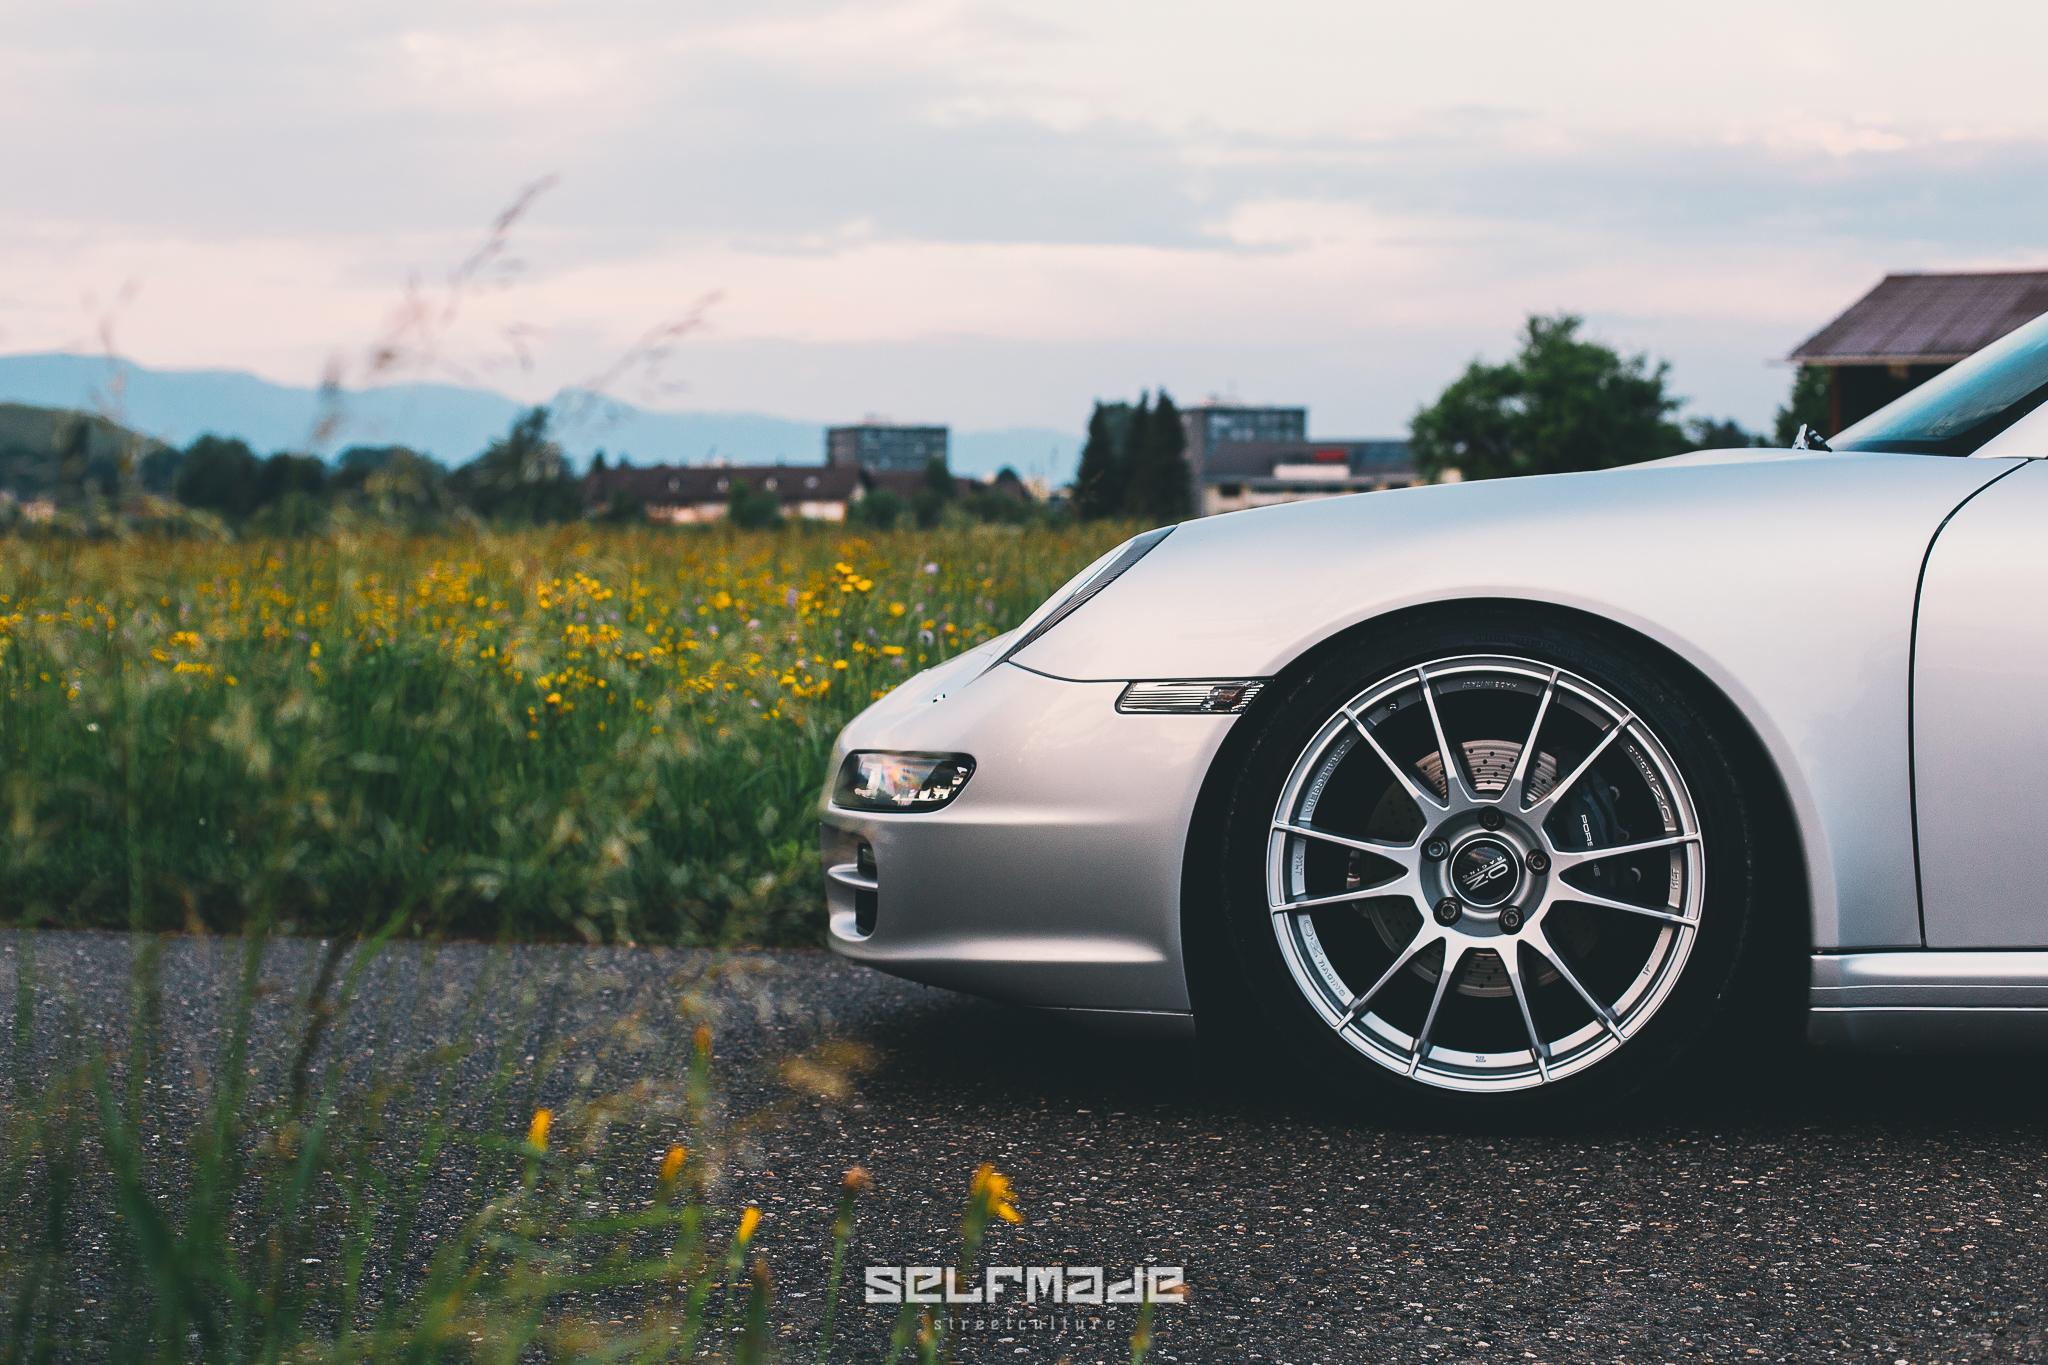 Porsche911_Selfmade (20).jpg